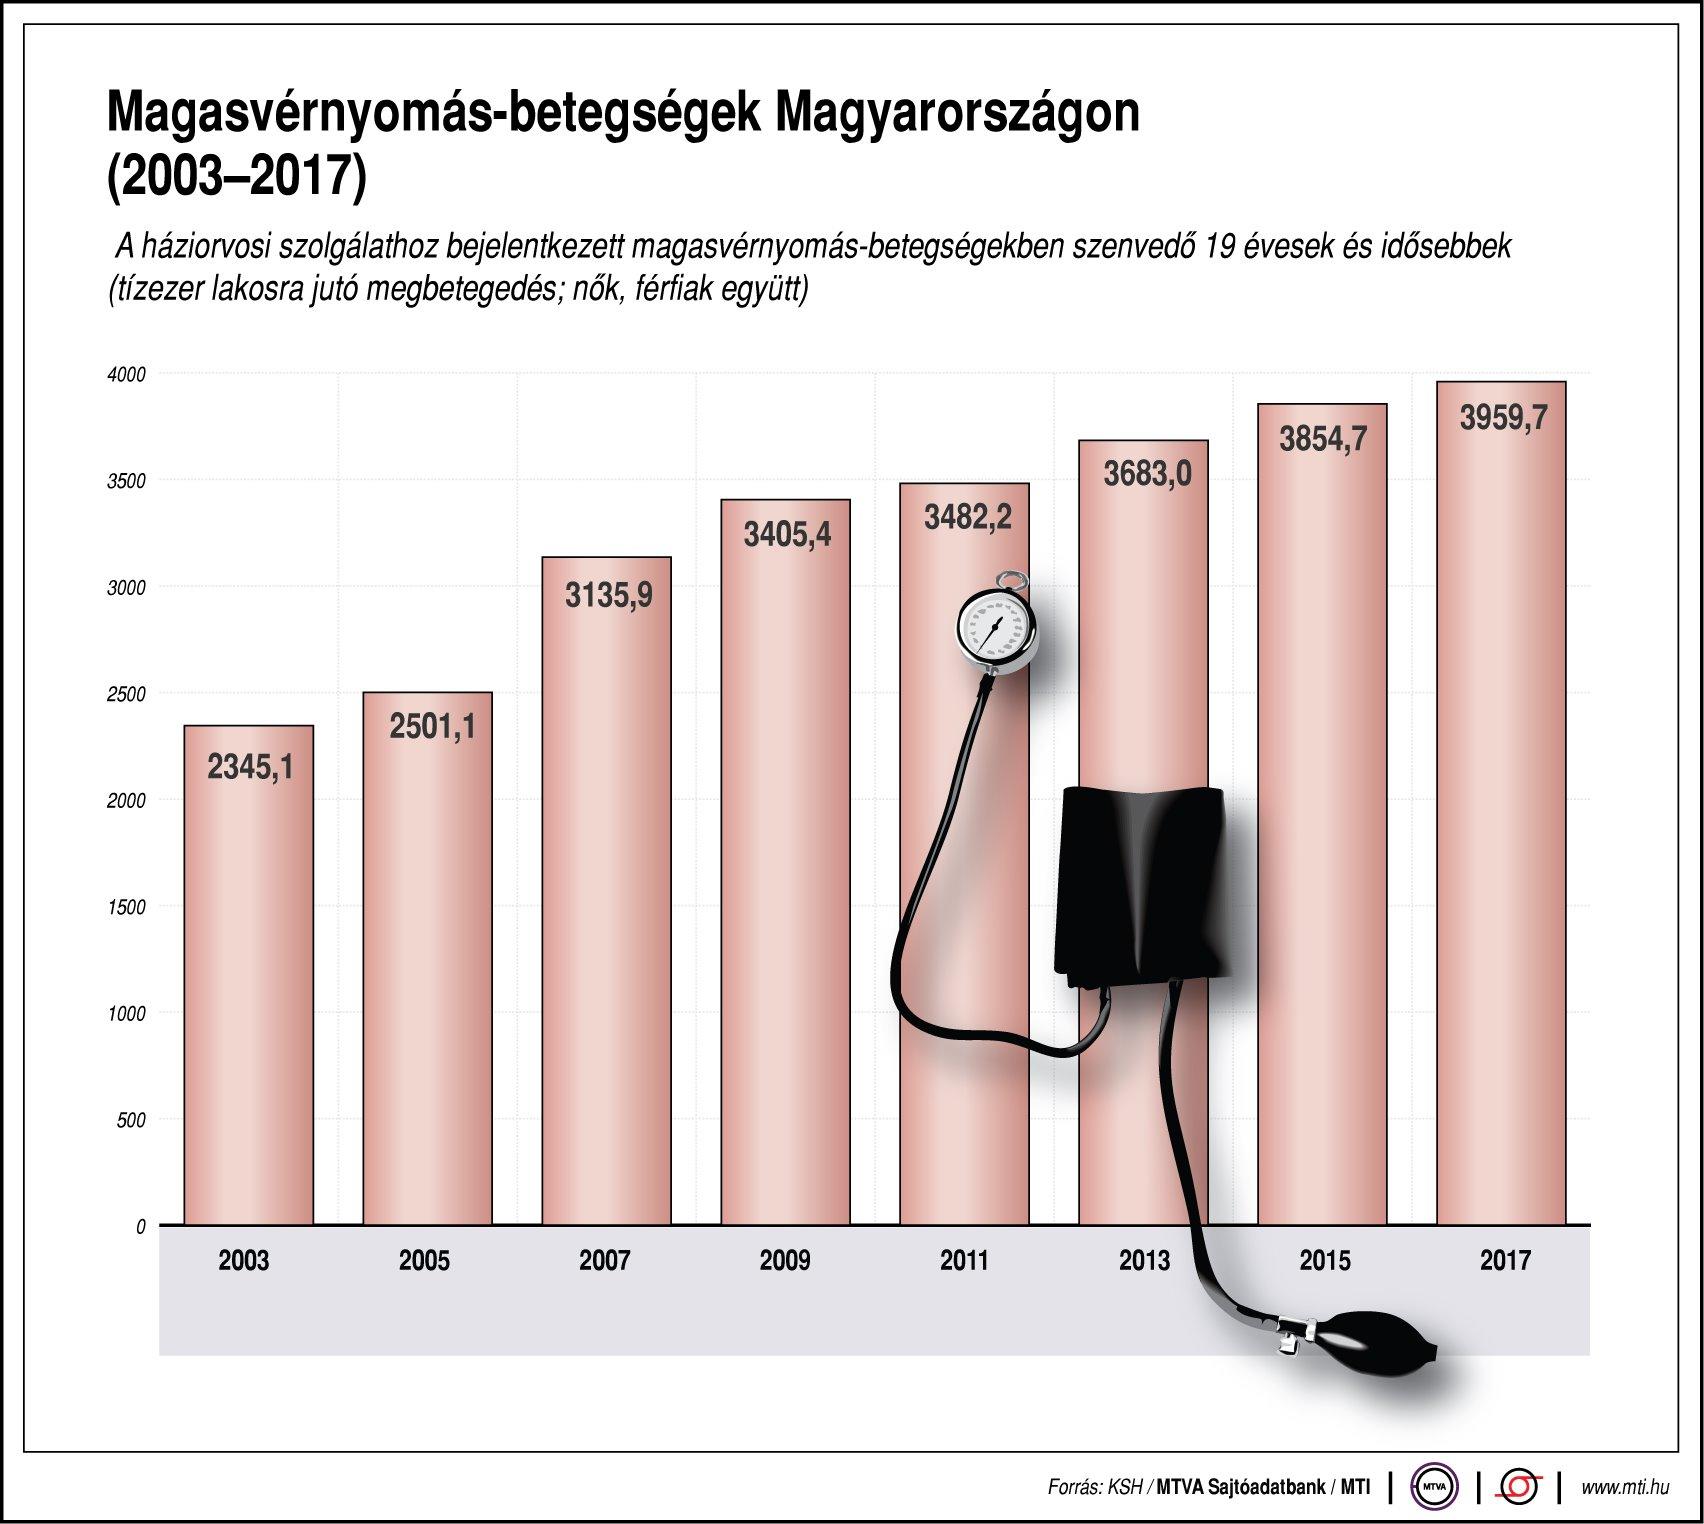 Echinacea tinktúra magas vérnyomás ellen magas vérnyomás 12 éves gyermekeknél